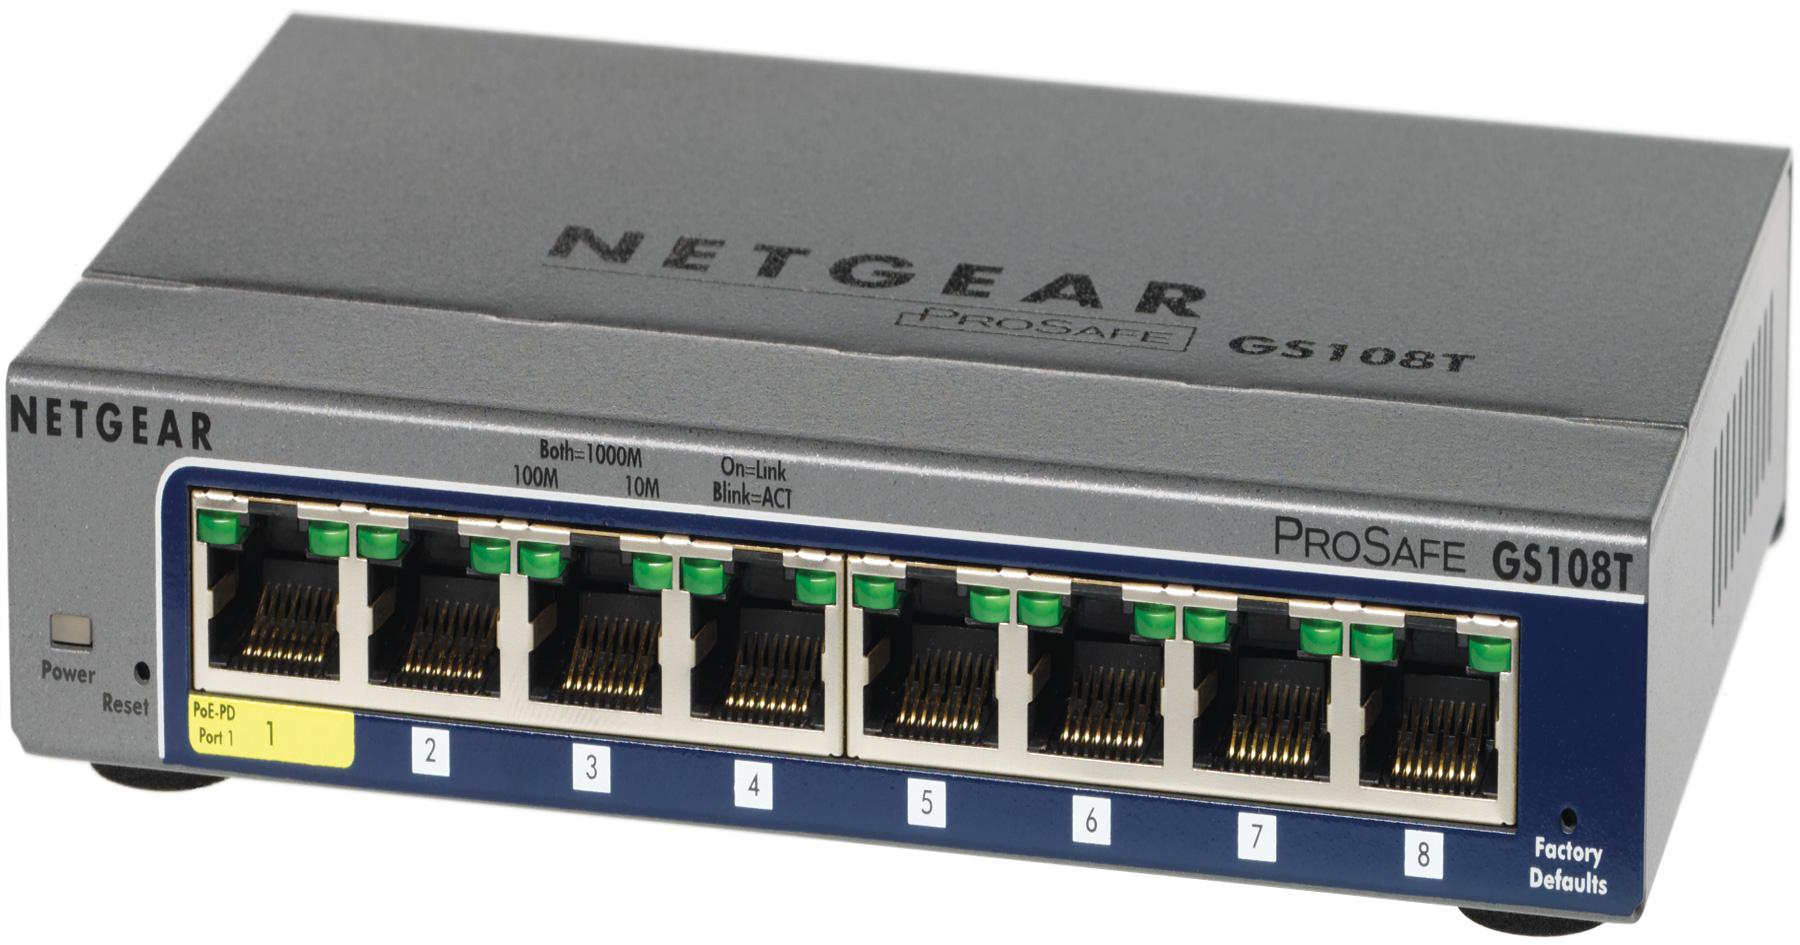 NETGEAR Switch Desktop Gigabit Pro Safe  8-port 10/100/1000 GS108T-200GES